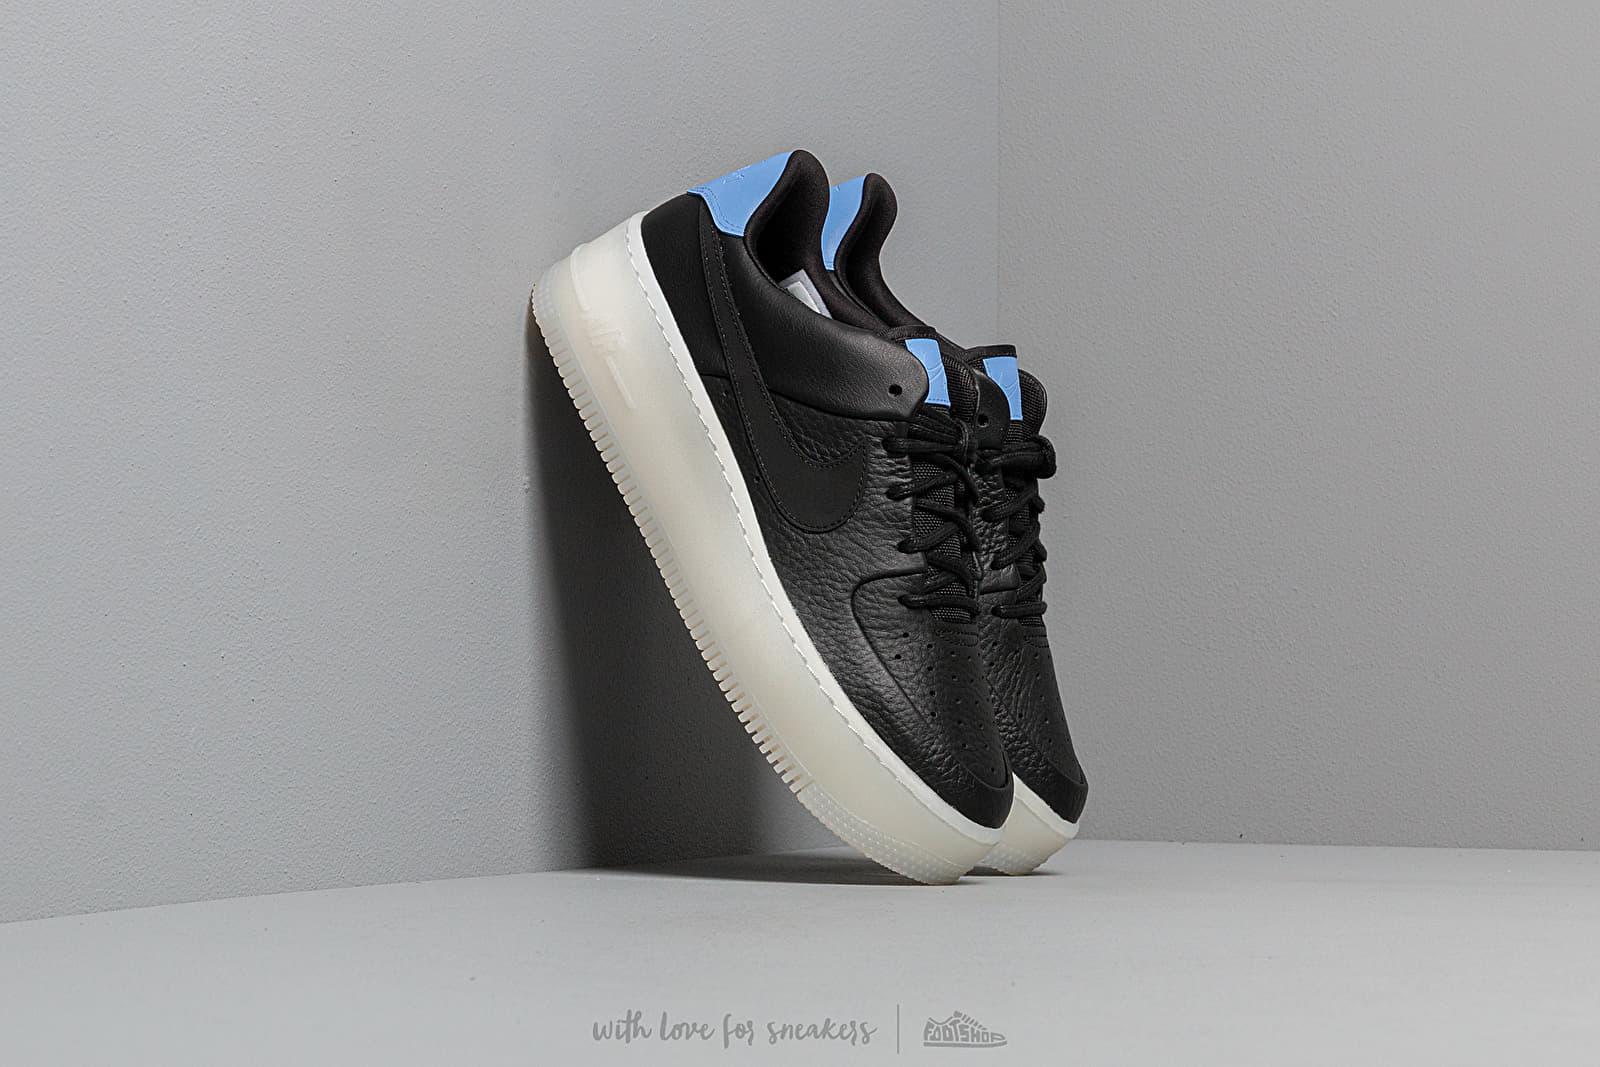 Nike W Air Force 1 Sage Low LX Black/ Royal Pulse za skvělou cenu 2 990 Kč koupíte na Footshop.cz